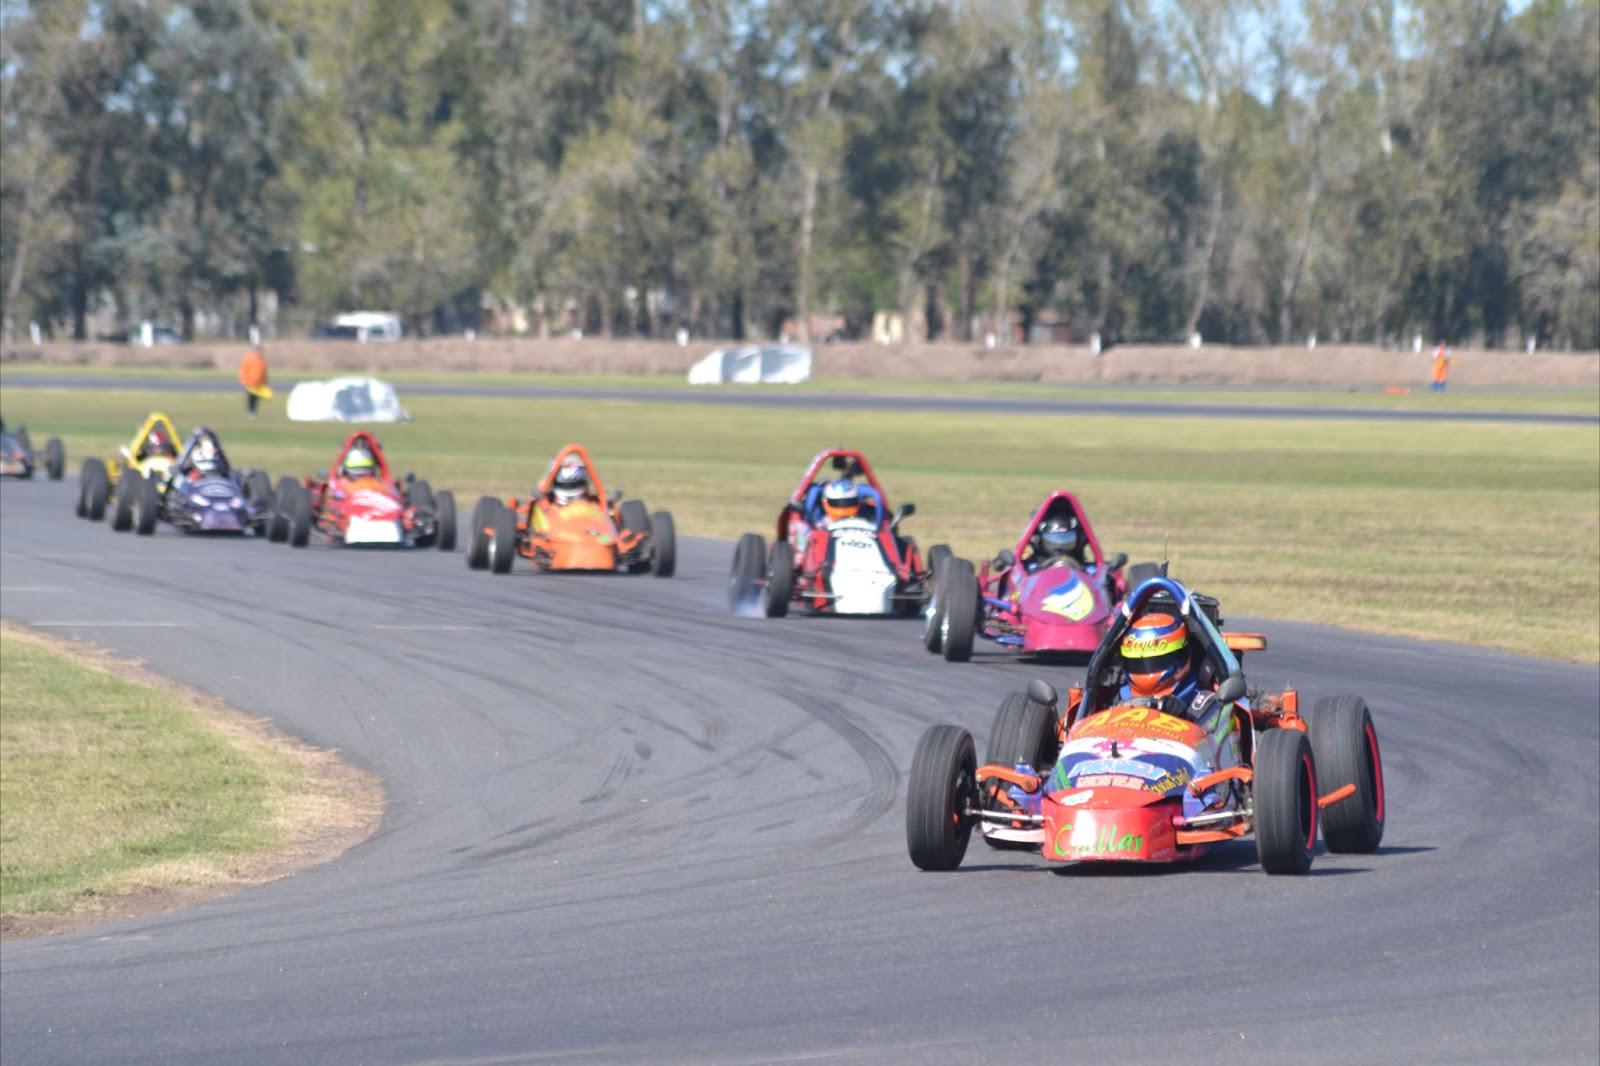 Circuito Udem : Competicion de mayo próxima cita la fórmula a